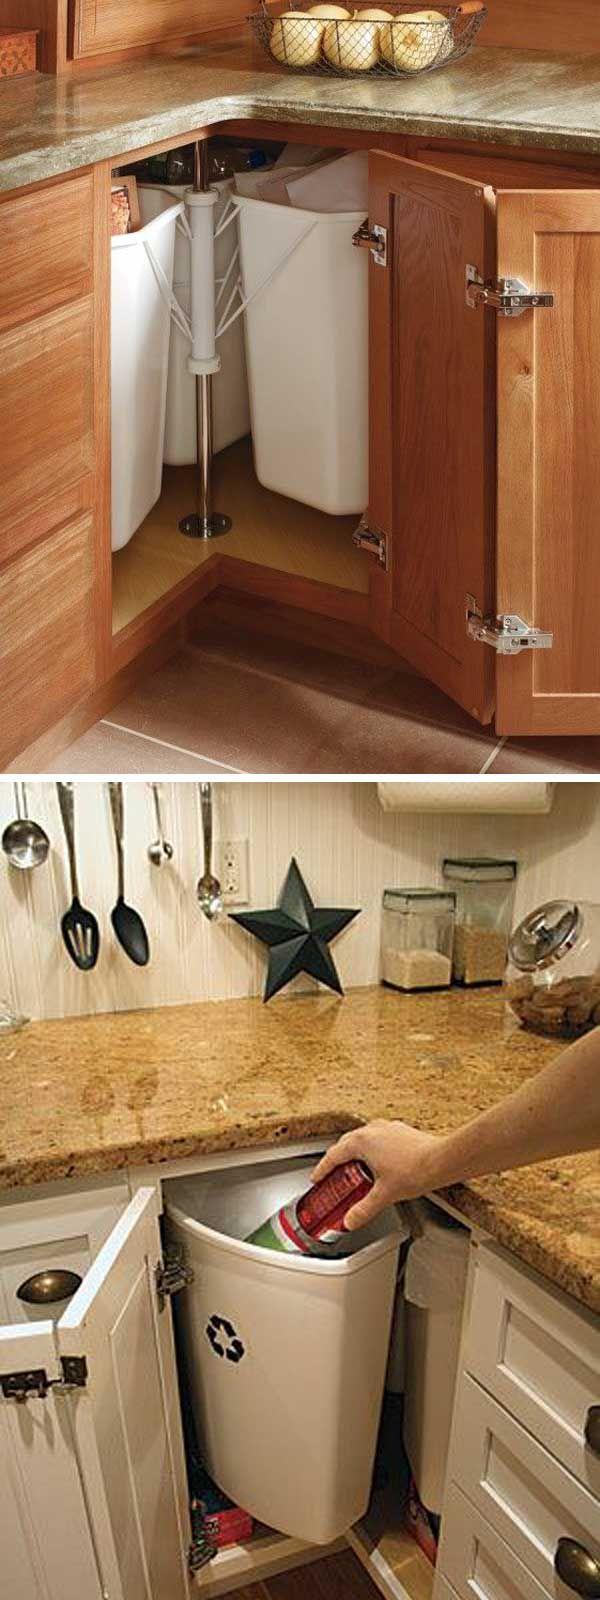 Fabulous Hacks To Utilize The Space Of Corner Kitchen Cabinets Ecke Kuchenschrank Schrank Kuche Eckschrank Kuche